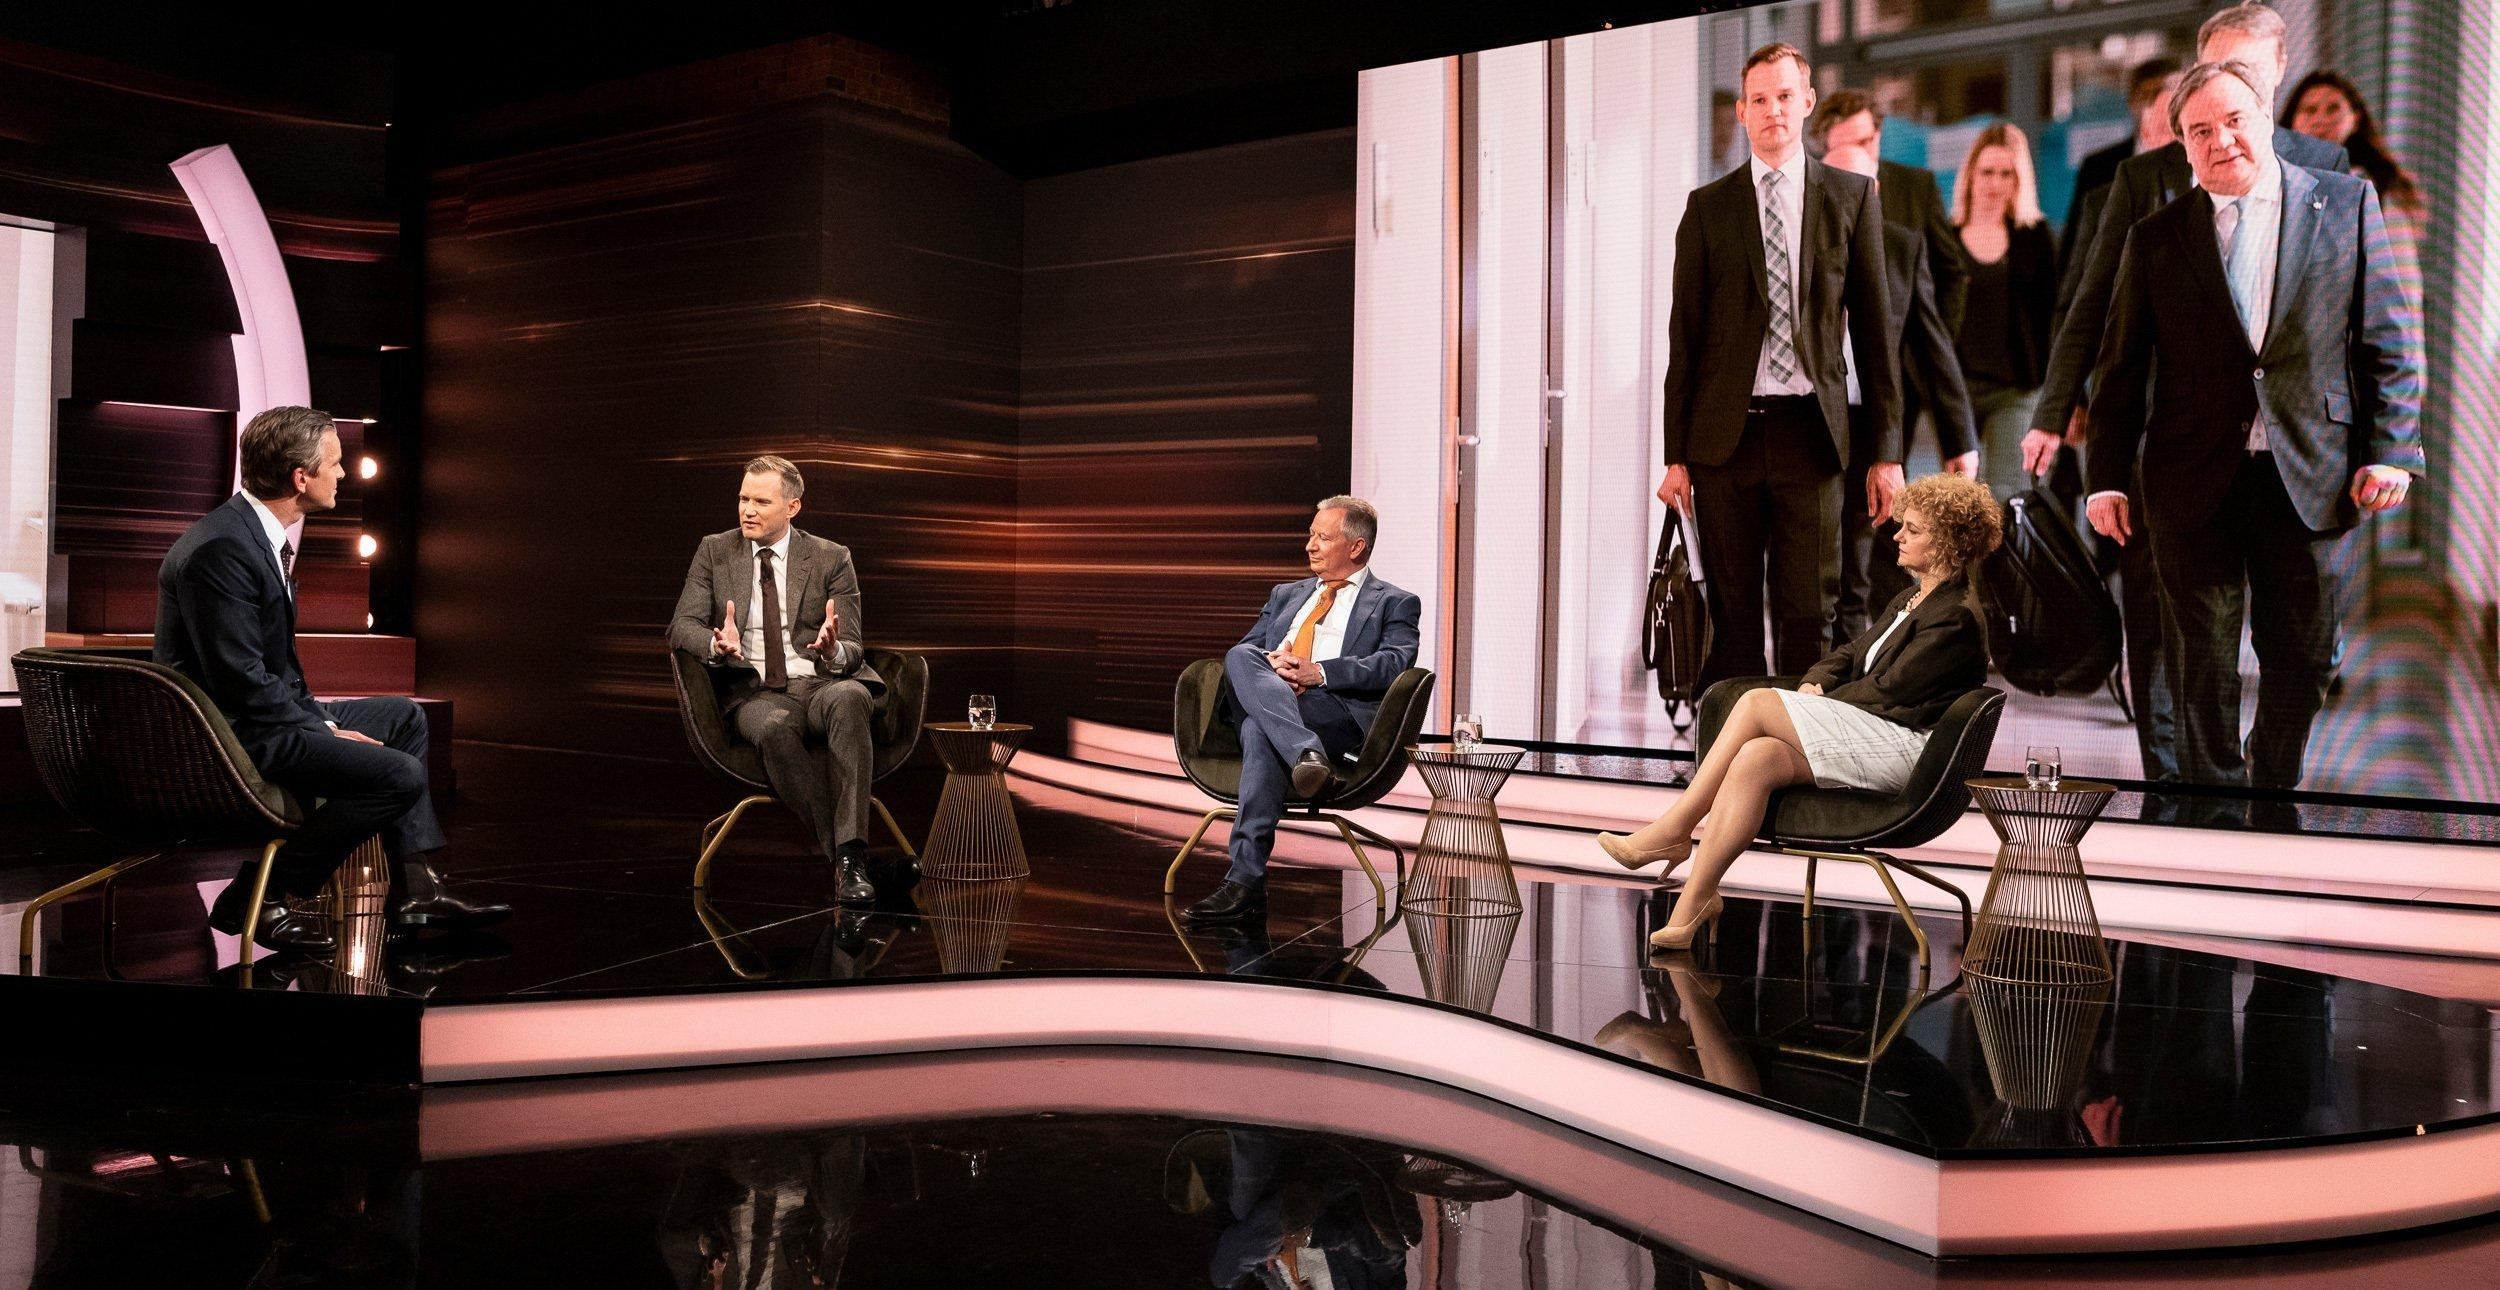 Drei Männer und eine Frau sitzen in einem in Brauntönen gehaltenen Fernsehstudio und sprechen miteinander. Im Hintergrund ein großes Foto, auf dem Menschen in Anzägen in Zweierreihen einen Korridor entlanggehen.